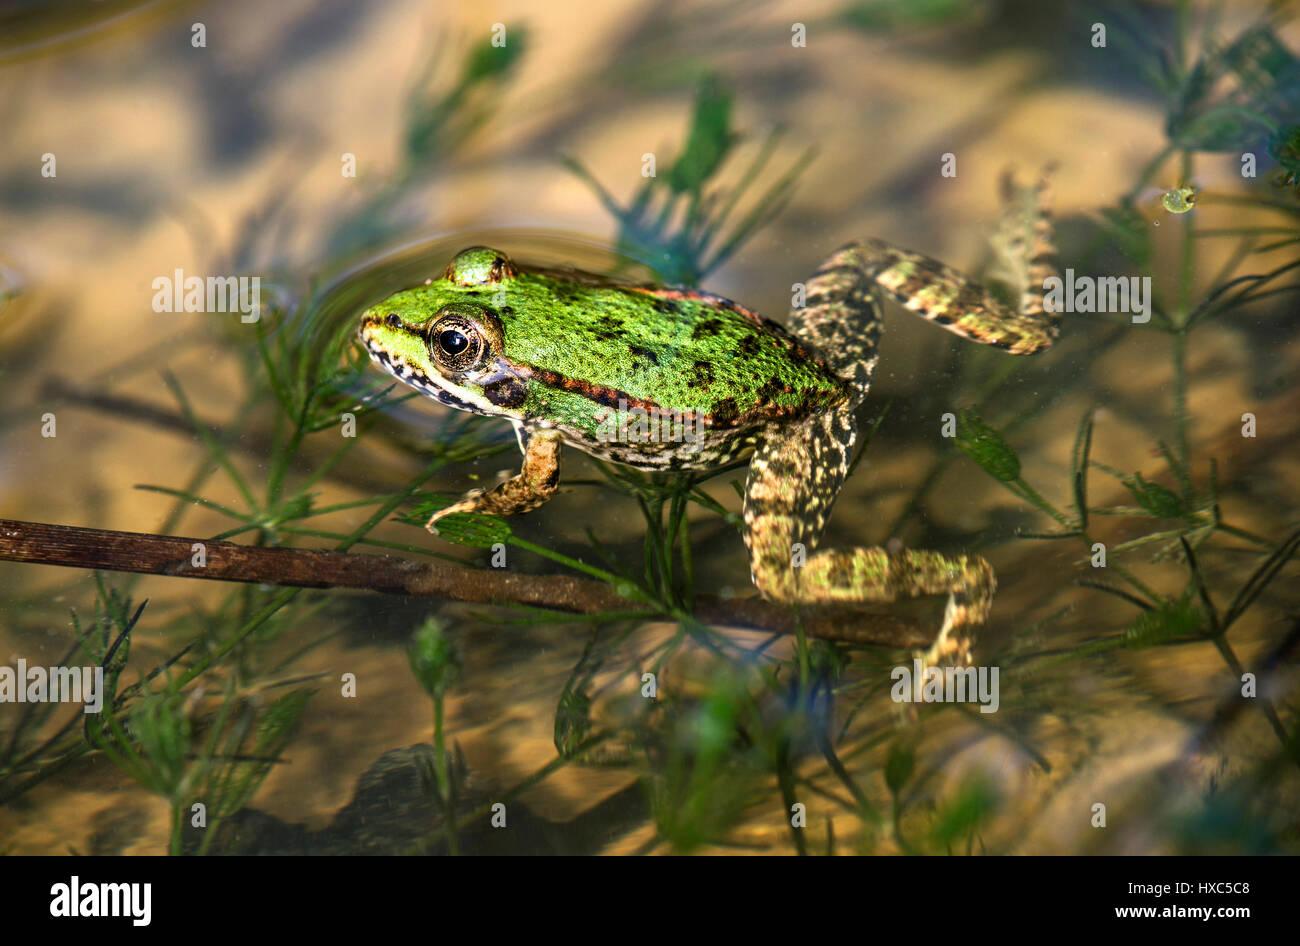 Essbare frosch au er esculentus in wasser schweiz - Frosch englisch ...